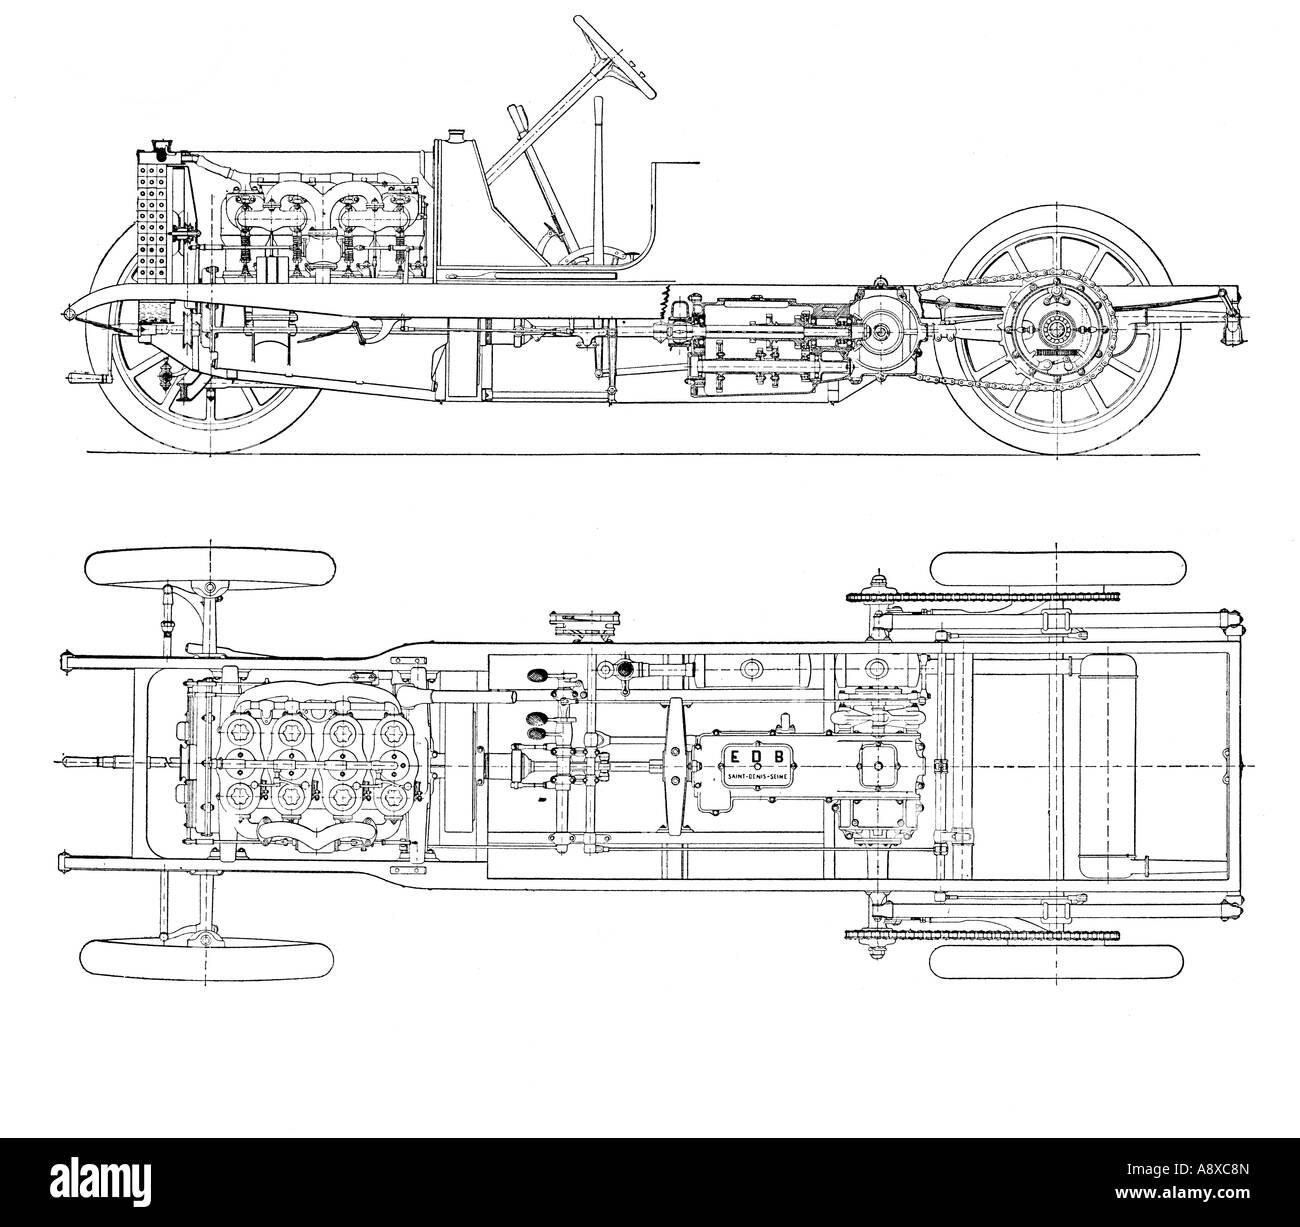 DIAGRAMM DER VIER ZYLINDER BENZIN MOTOR AUTO-CHASSIS MIT ...